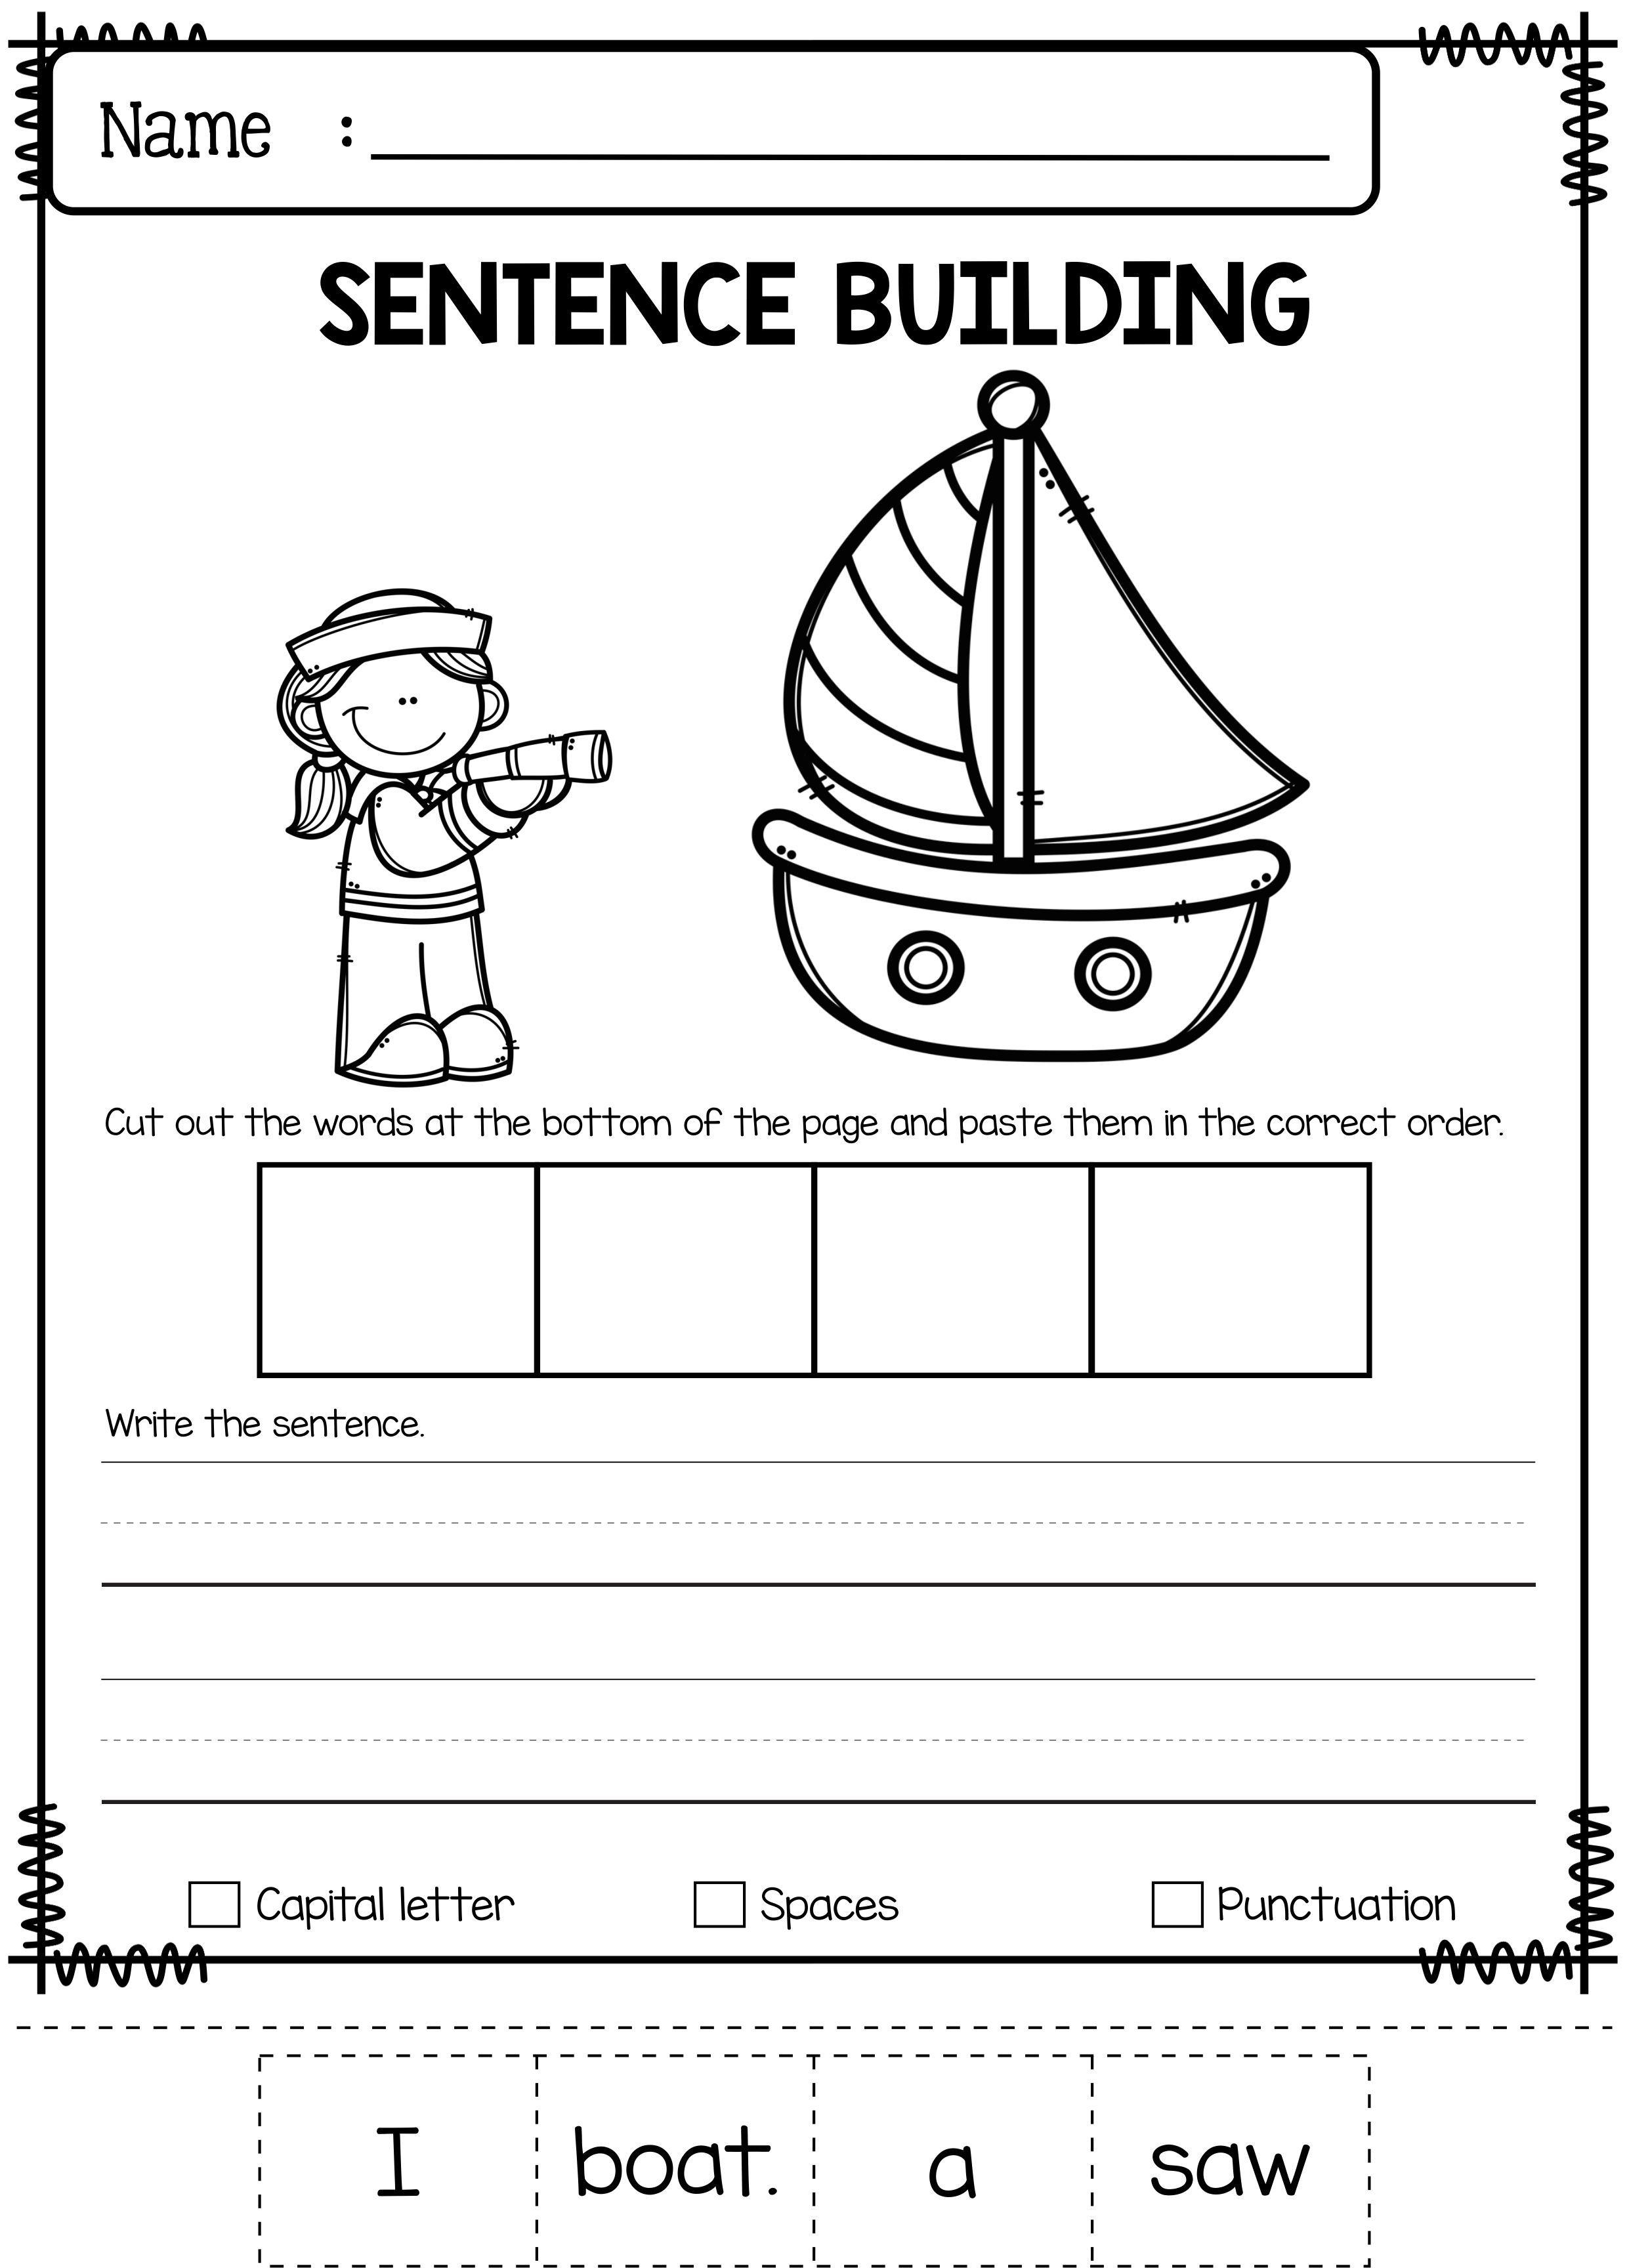 correct sentence kindergarten worksheet correct best free printable worksheets. Black Bedroom Furniture Sets. Home Design Ideas